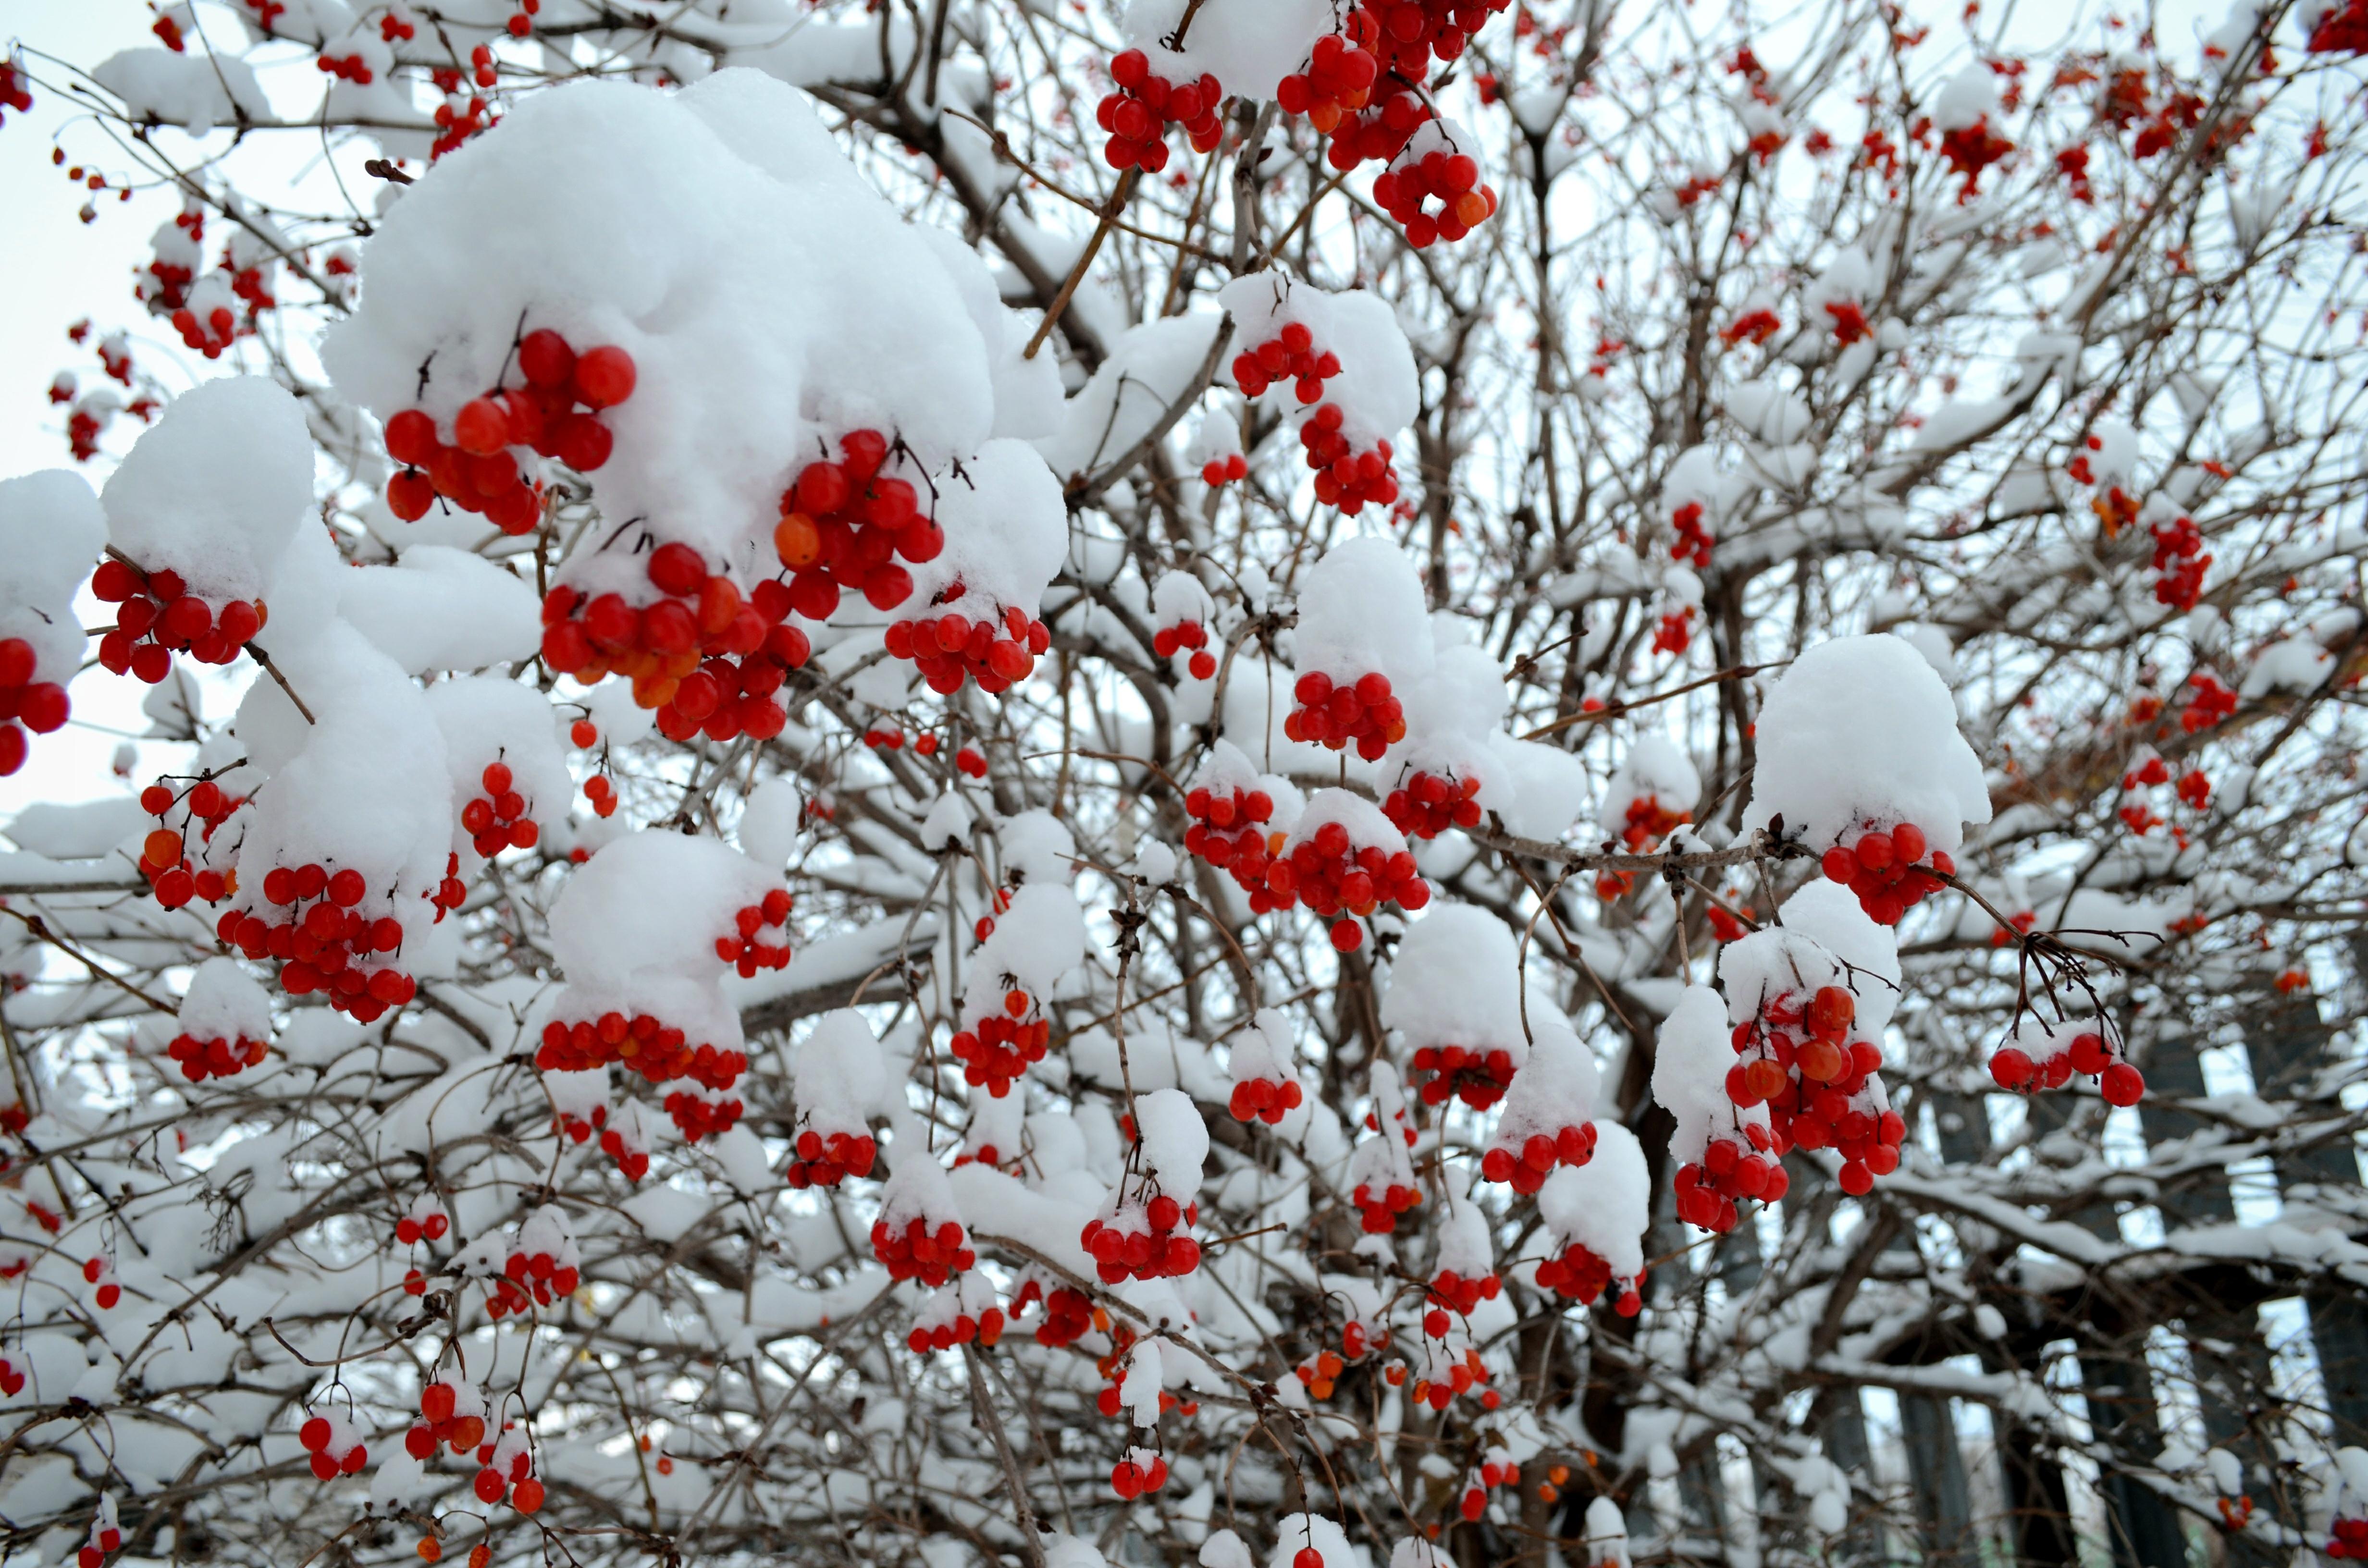 найти то, картинки с рябиной вот и зима дерево выглядит